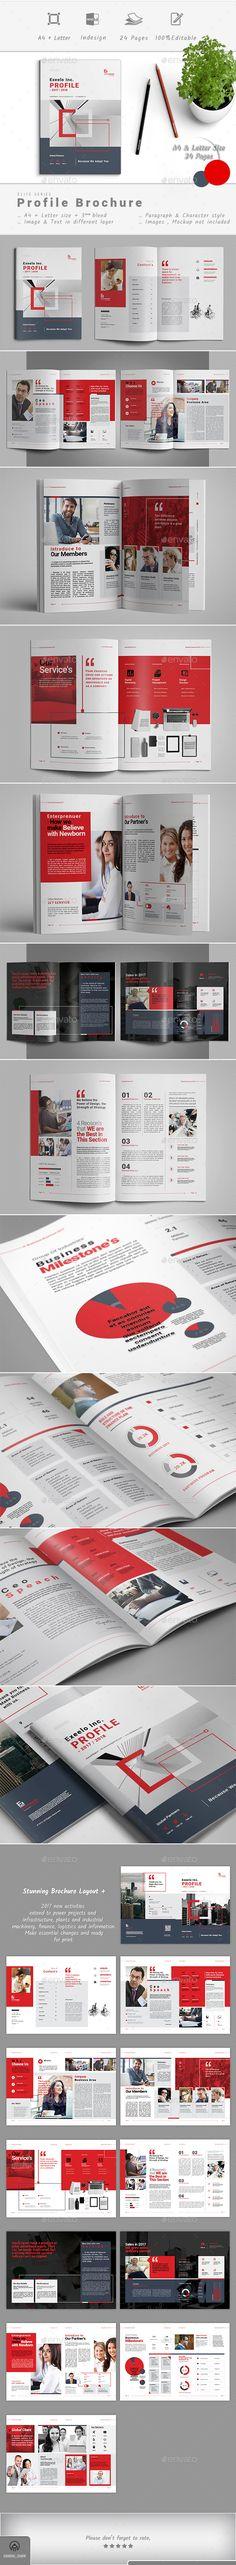 #Brochure - Corporate Brochures Download here: graphicriver.net/...